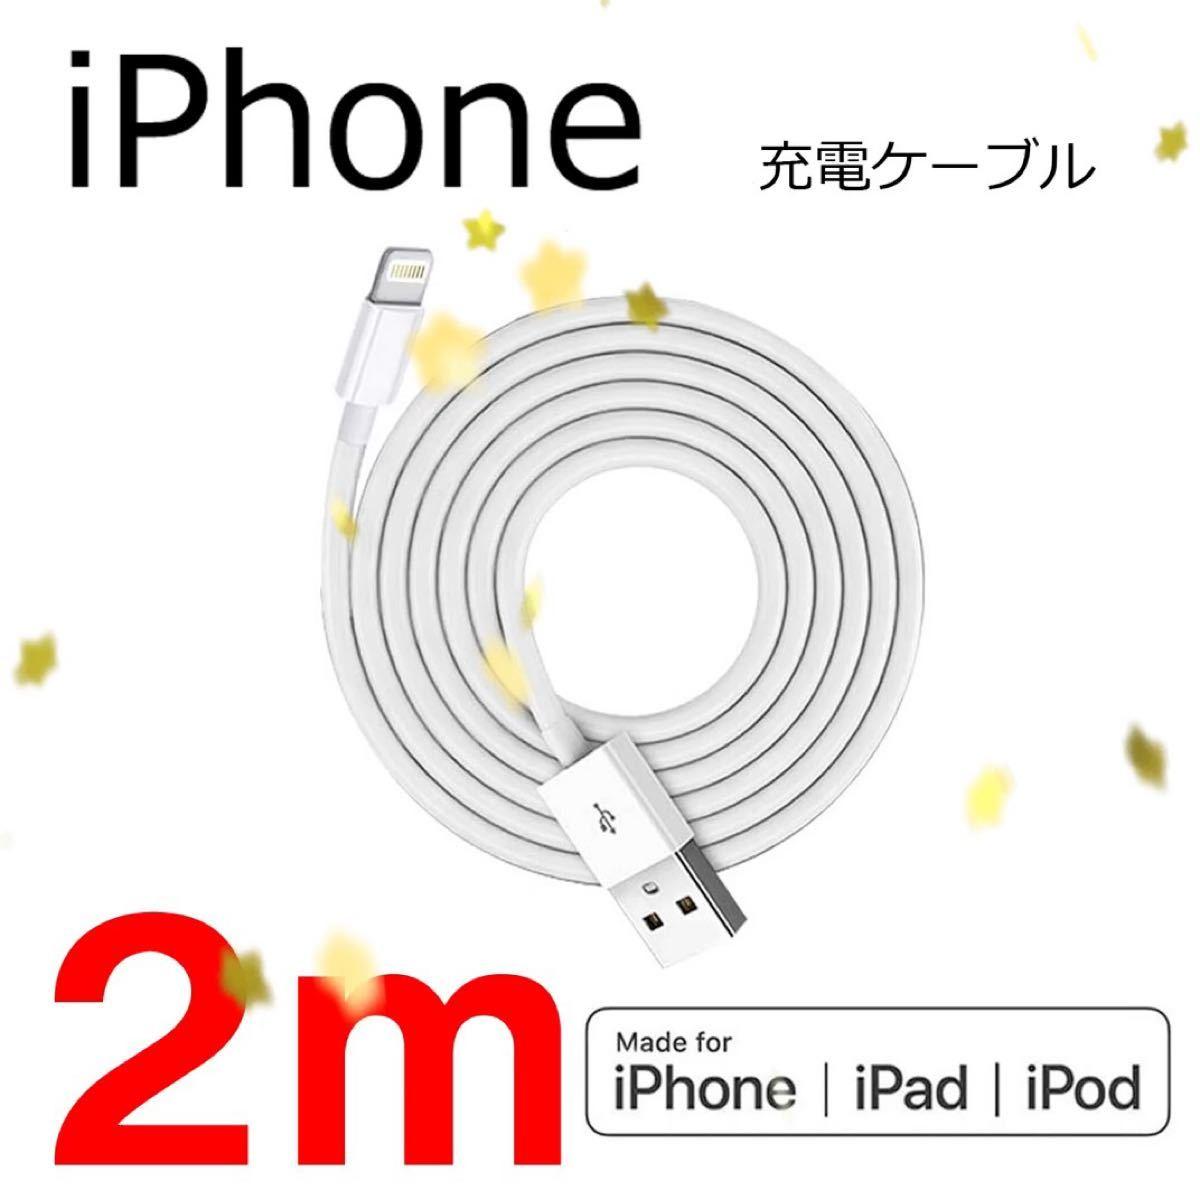 iPhone 充電器 充電ケーブル コード lightning cable 2m ライトニングケーブル 電源 スマホ USB